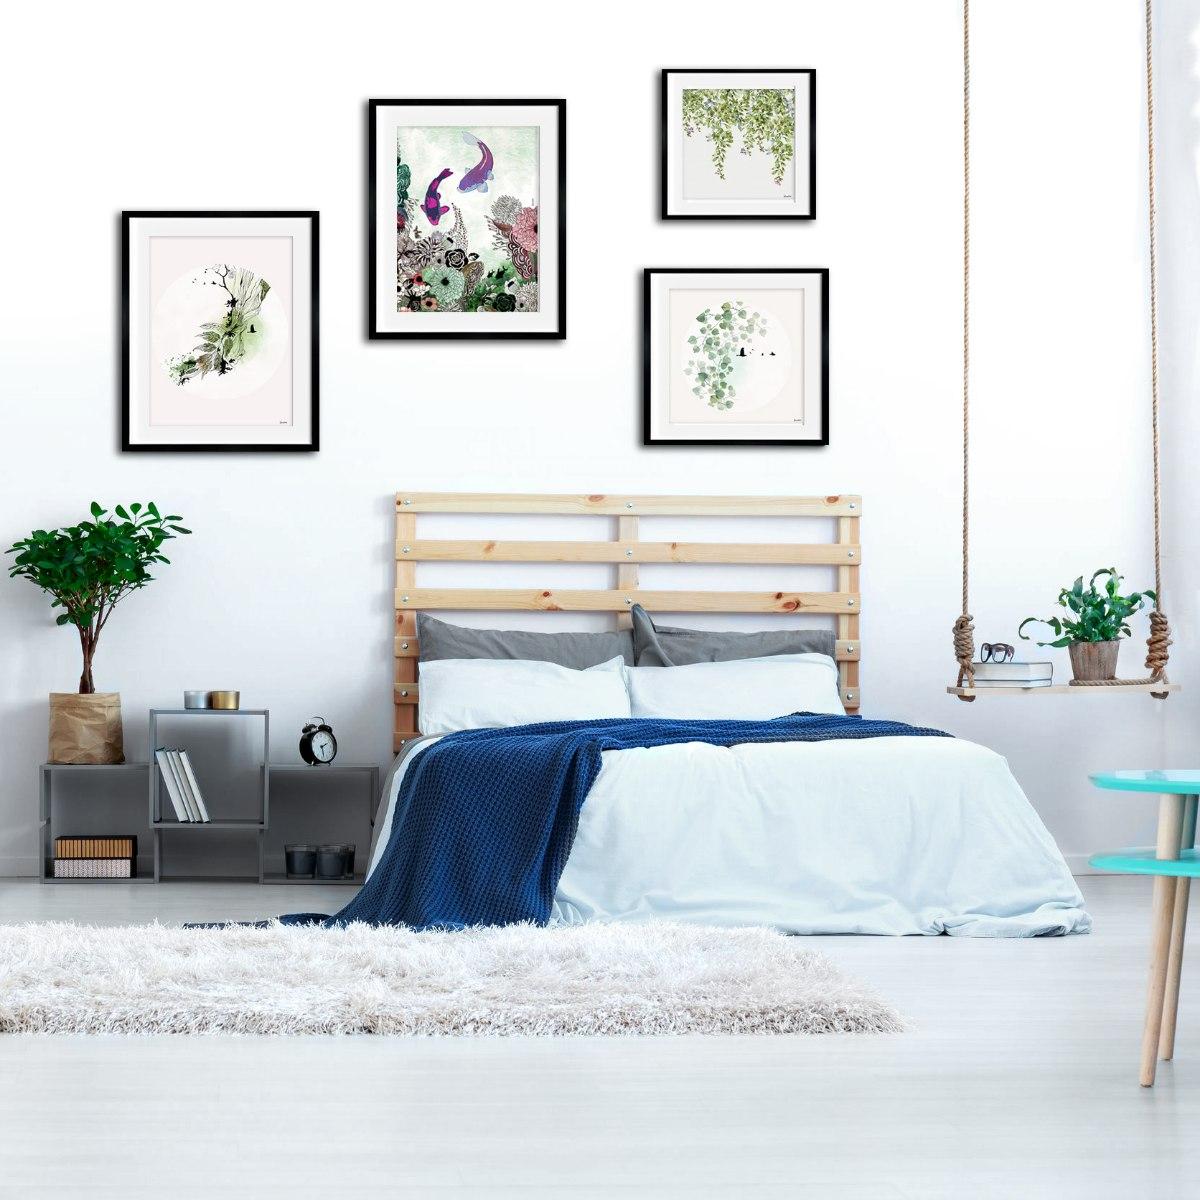 סט תמונות לחדר שינה פנג שואי